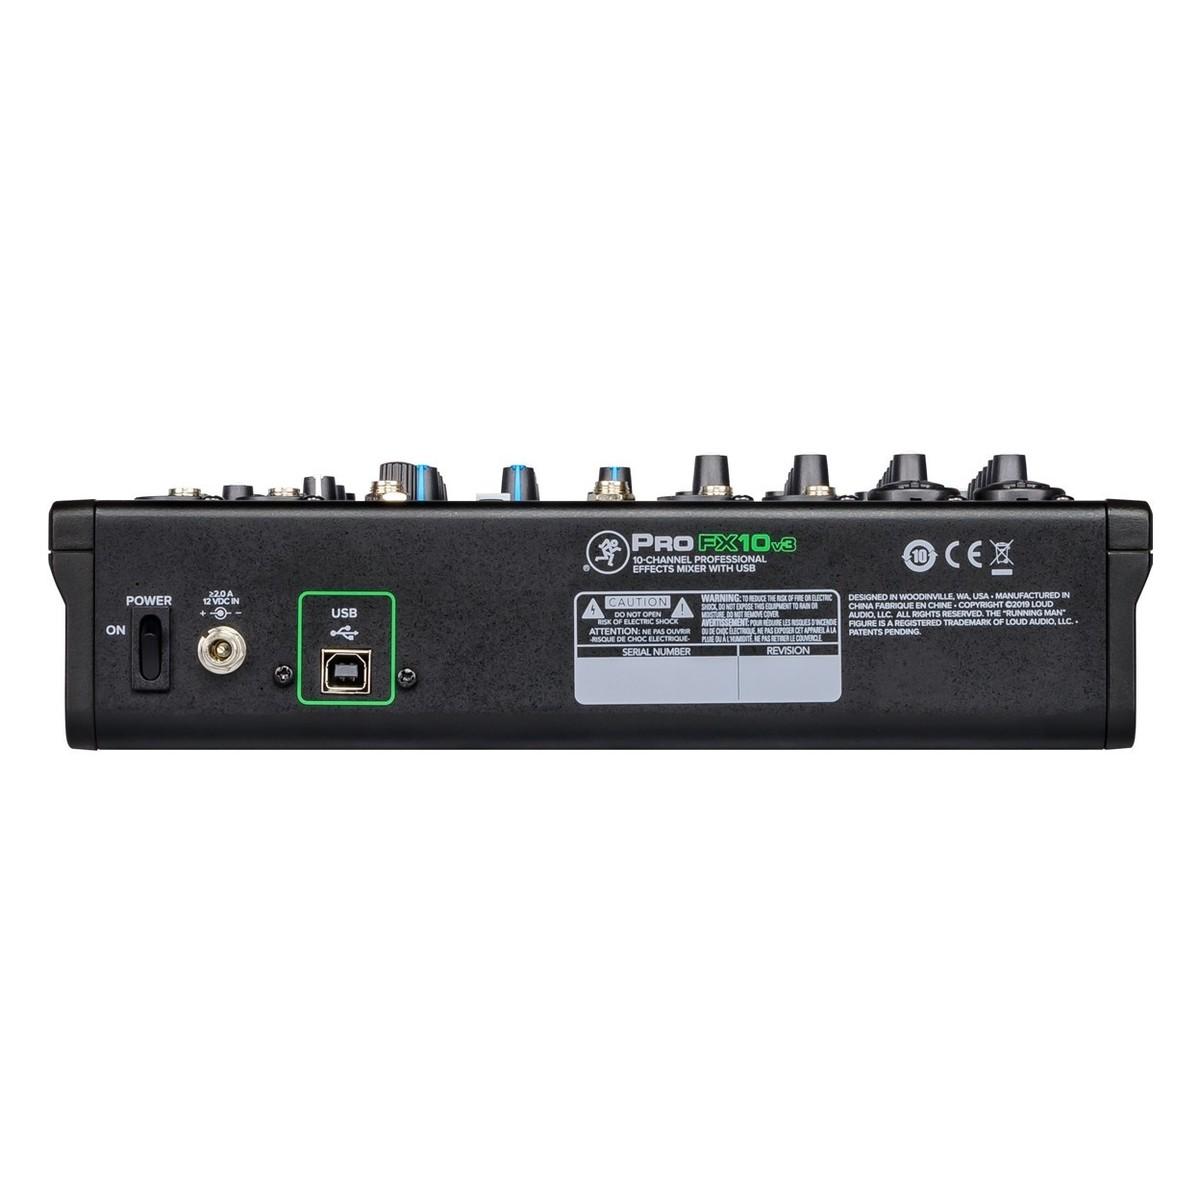 MACKIE PROFX10 V3 MIXER 4 INGRESSI MICROFONICI + 3 STEREO CON EQ 3 BANDE 2 COMPRESSORI E CONNETTIVITA' USB 3